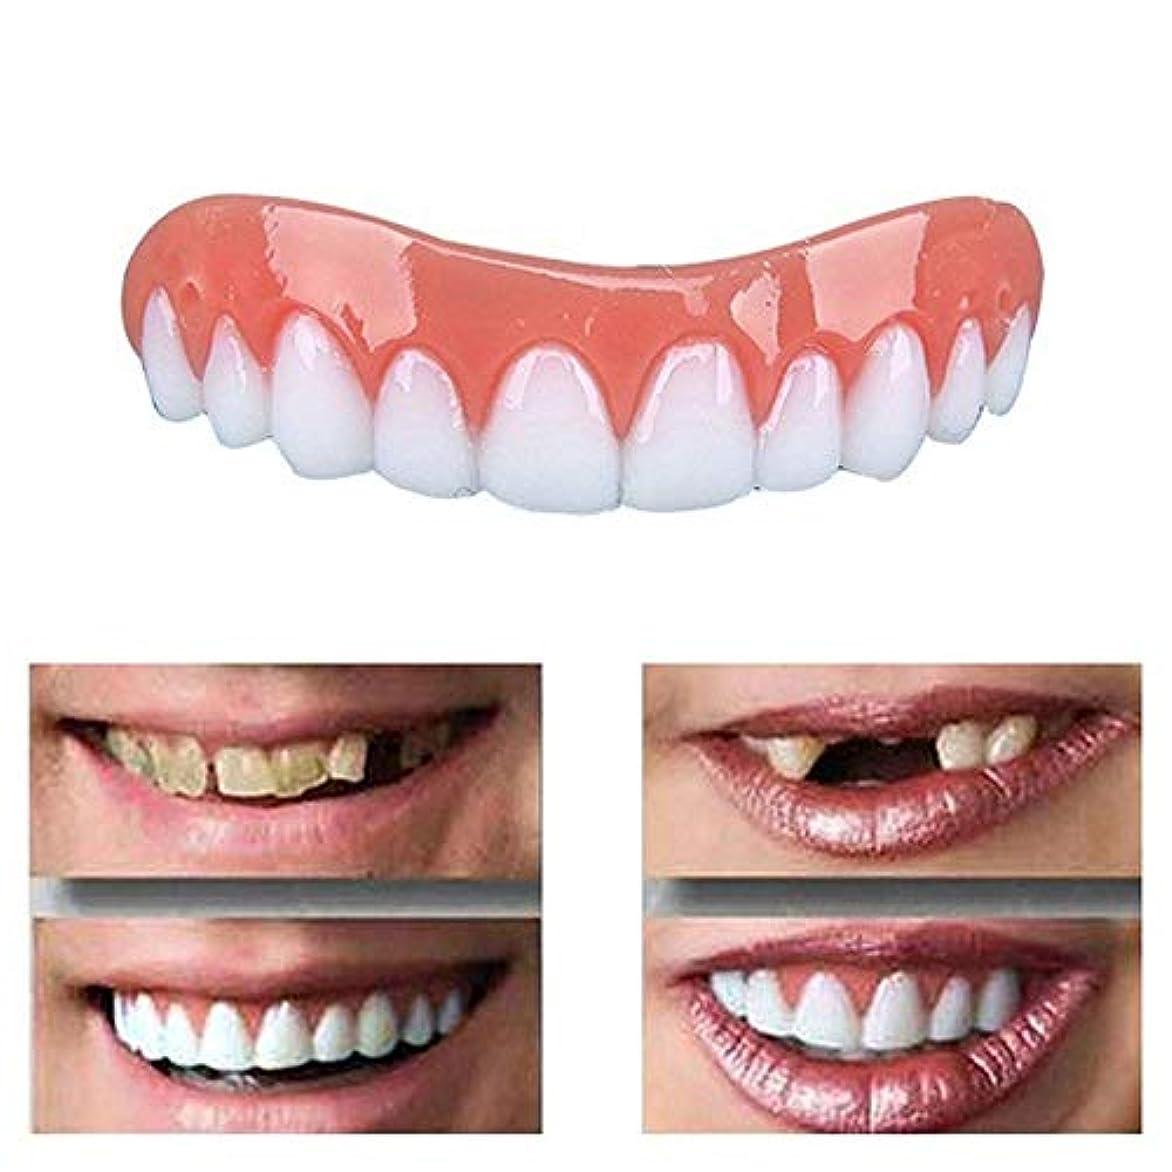 マスタードキウイハンバーガー上位層シリコーンシミュレーション入れ歯ホワイトニング歯に白い歯の2ペア。